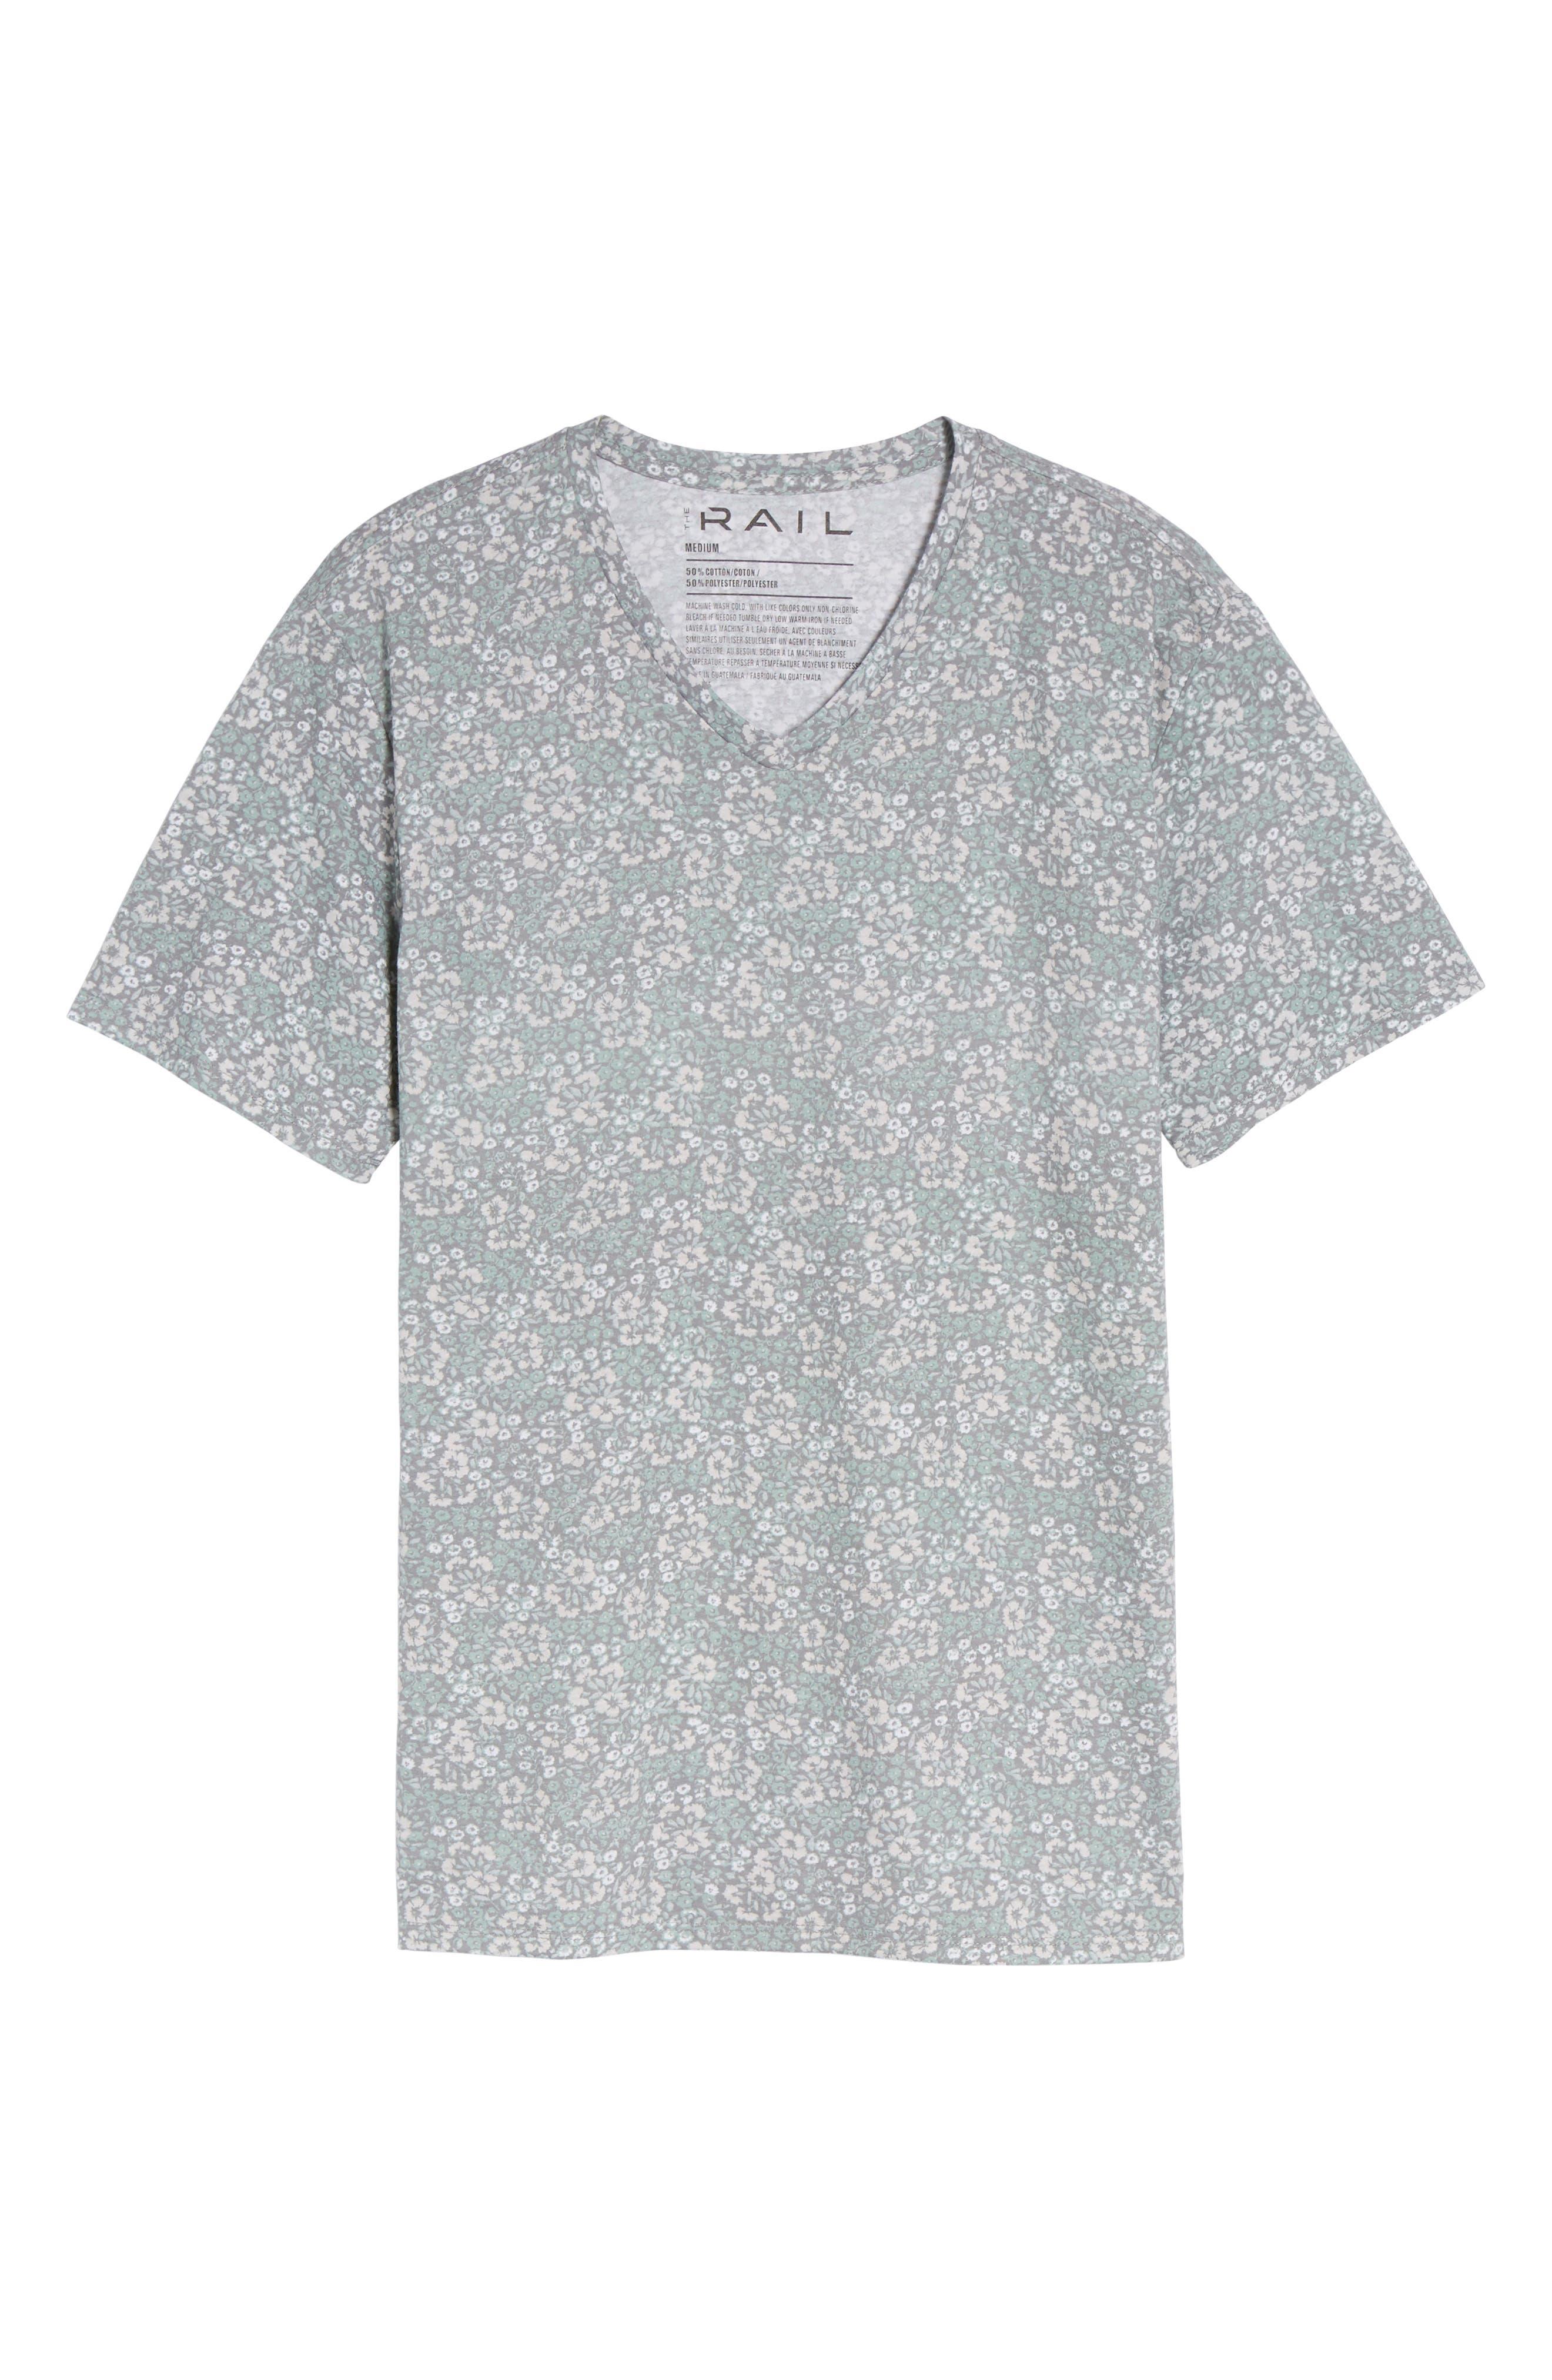 Alternate Image 1 Selected - The Rail V-Neck T-Shirt (2 for $30)